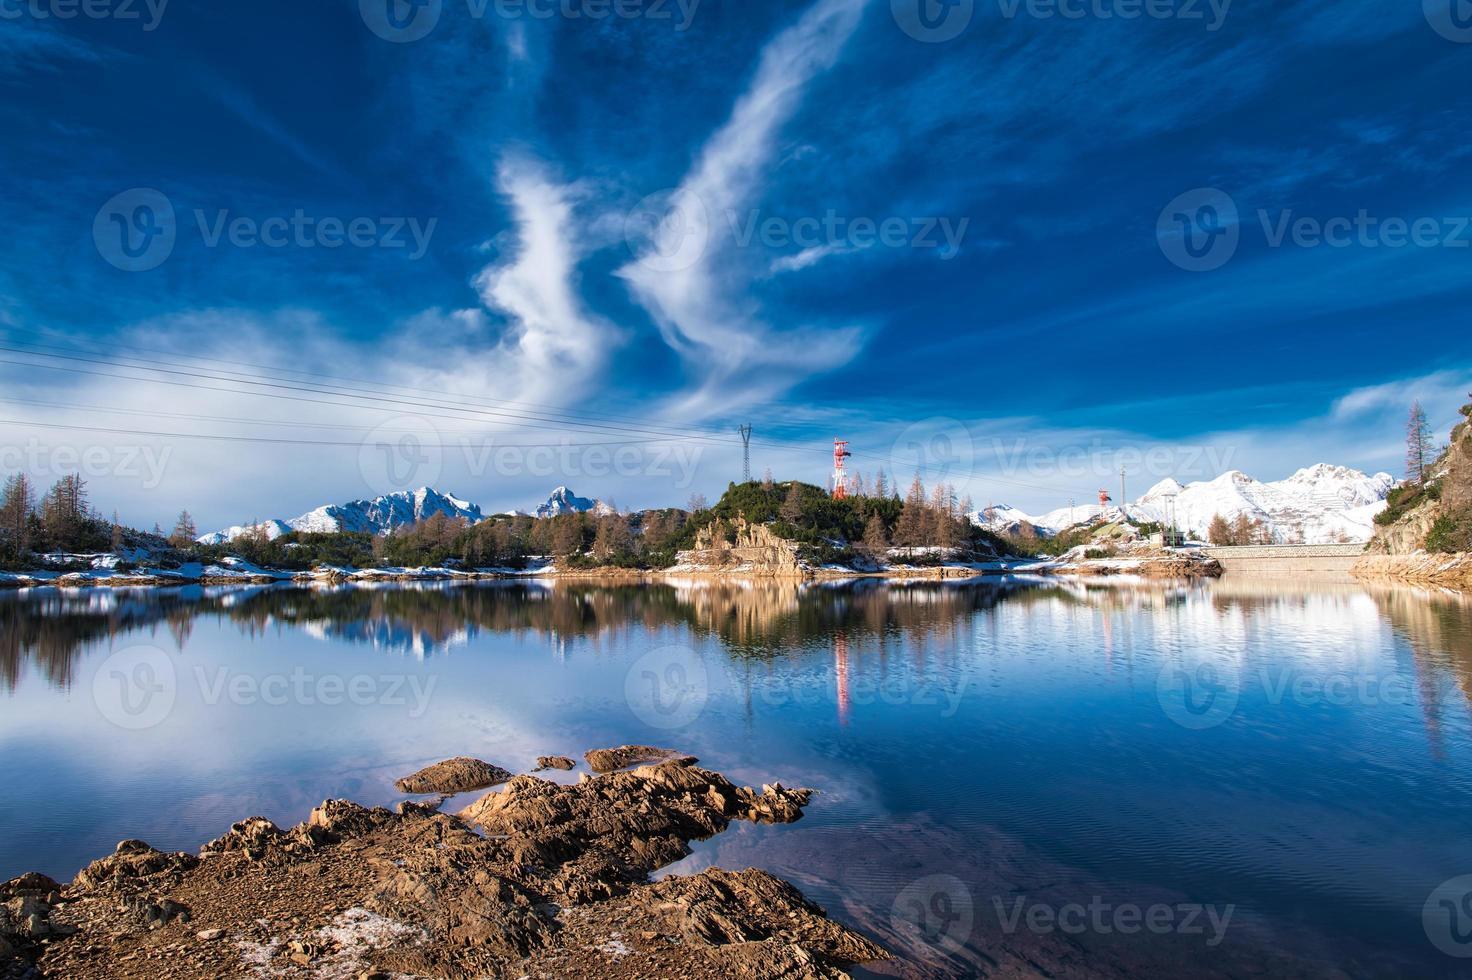 Marcio-See auf den Orobie-Alpen im Brembana-Velley foto